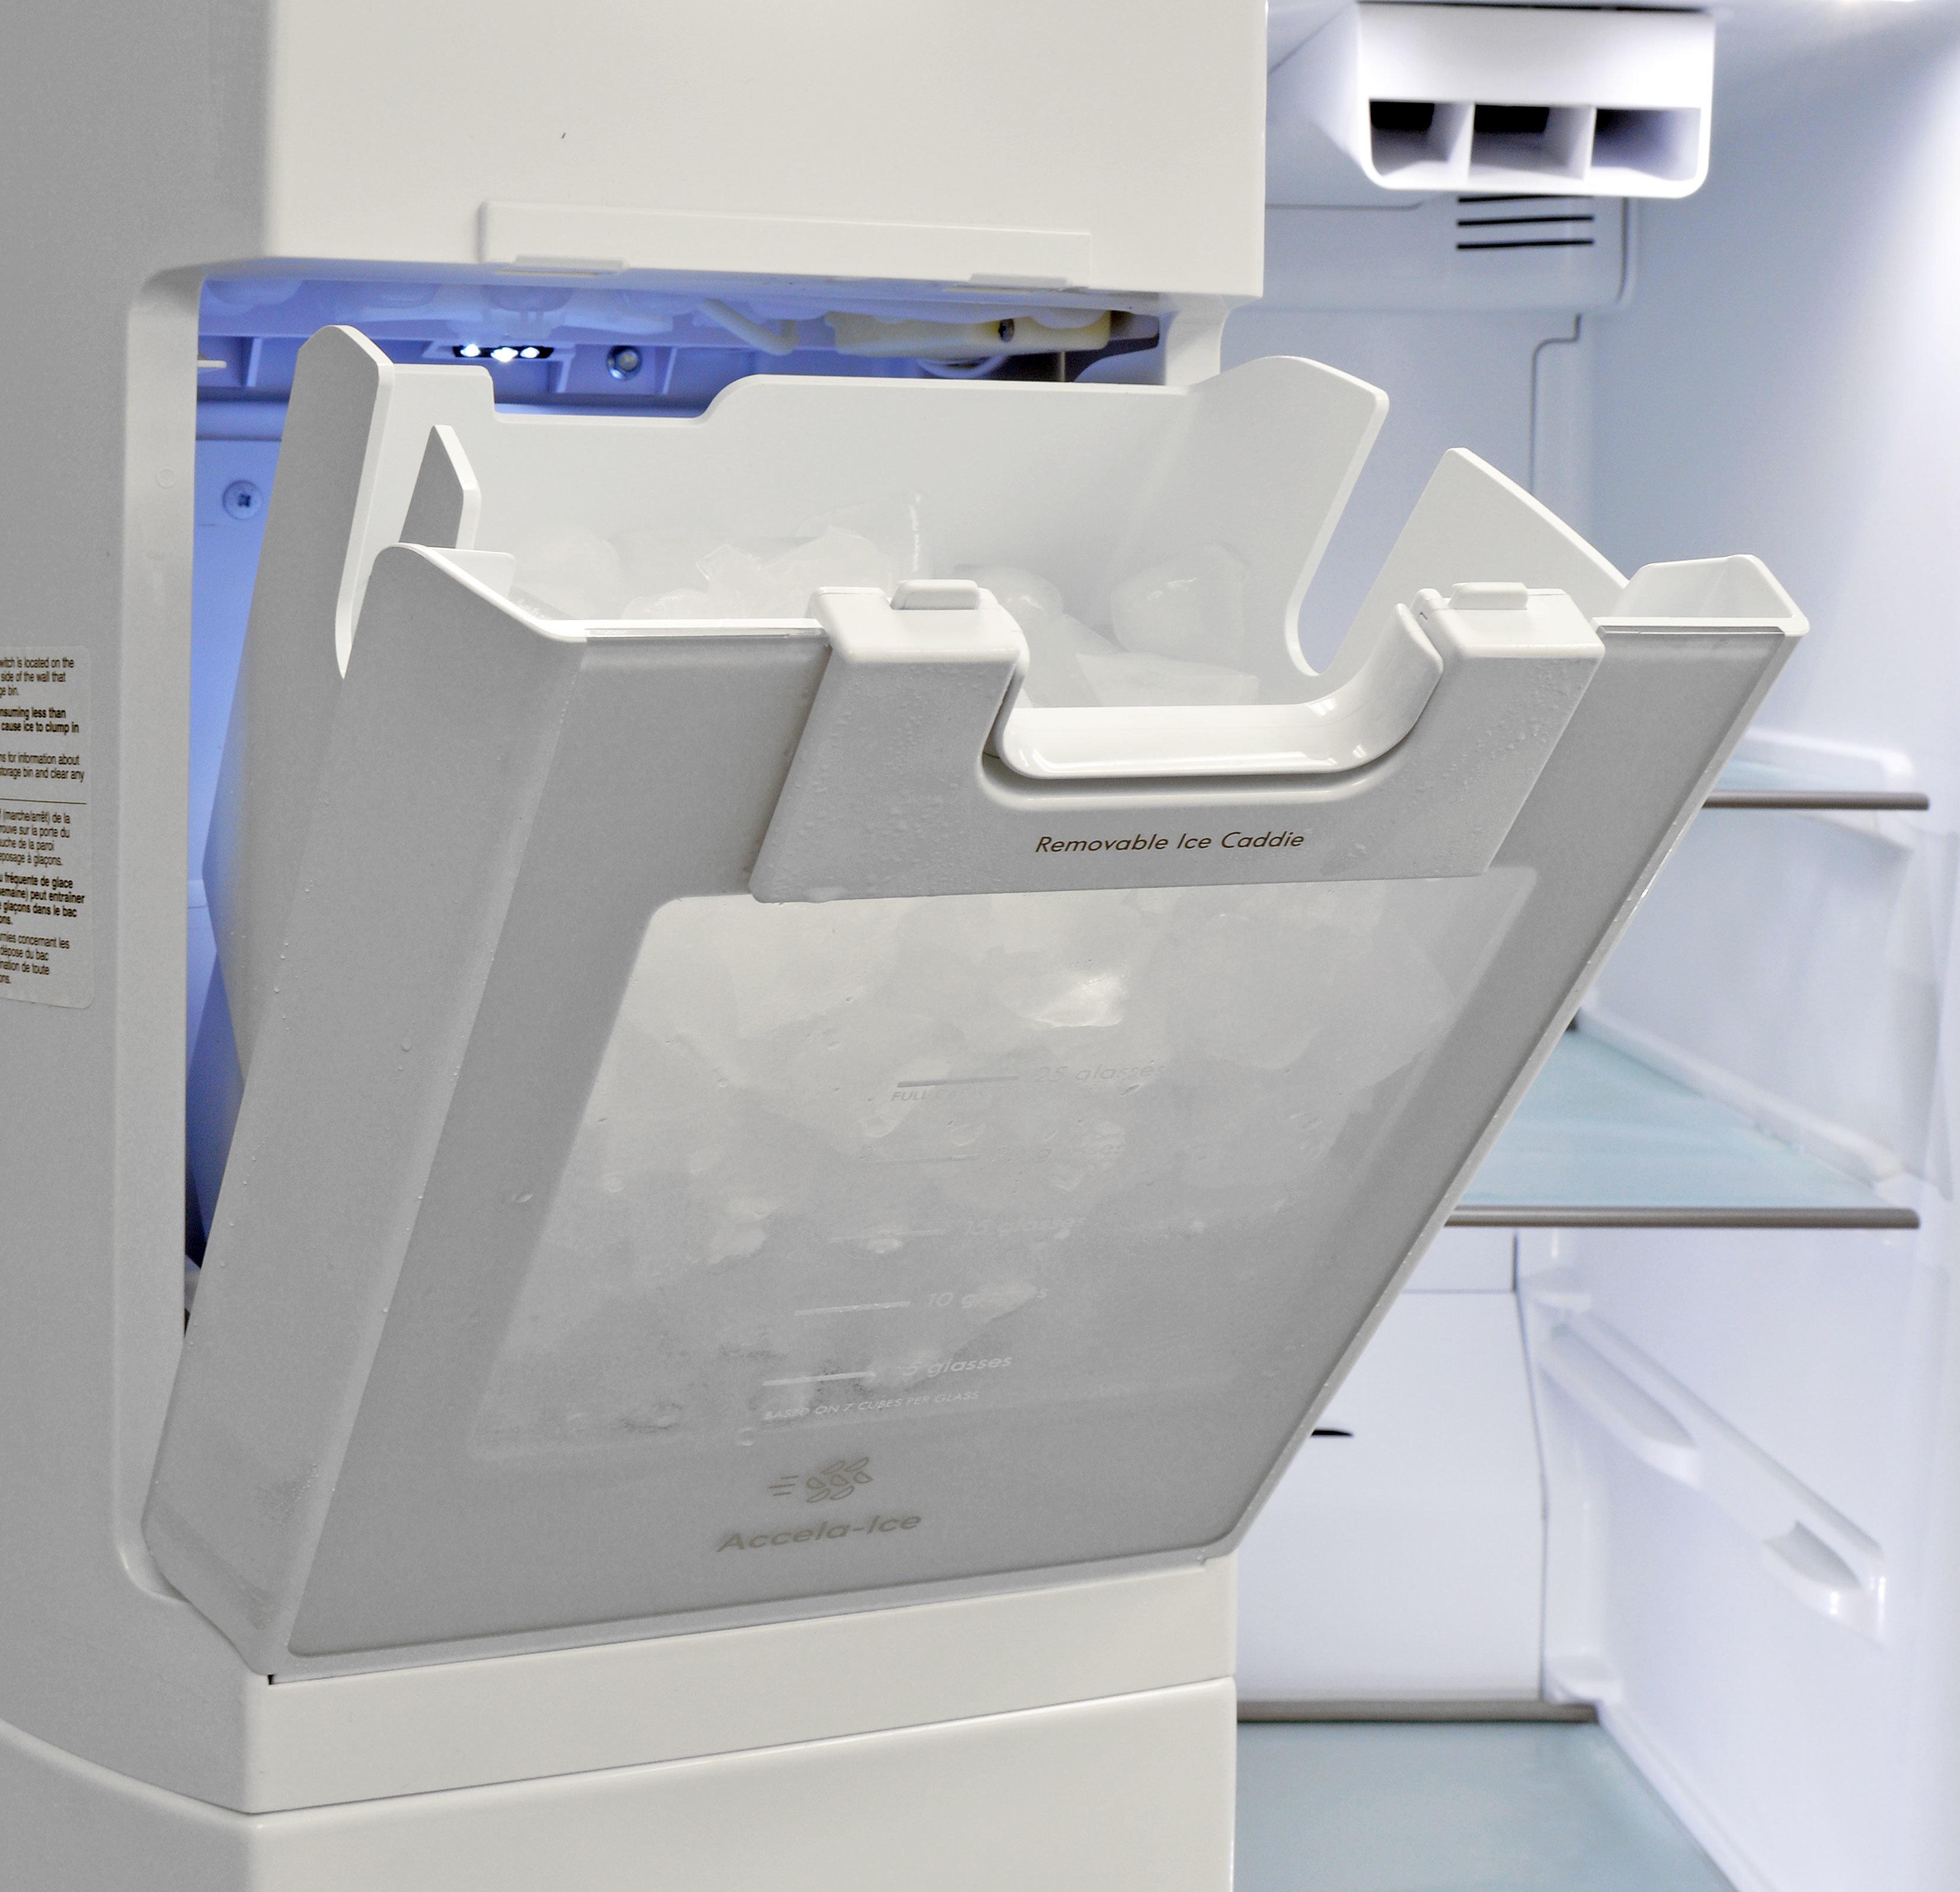 Kenmore Elite 51773 Refrigerator Review Reviewed Com